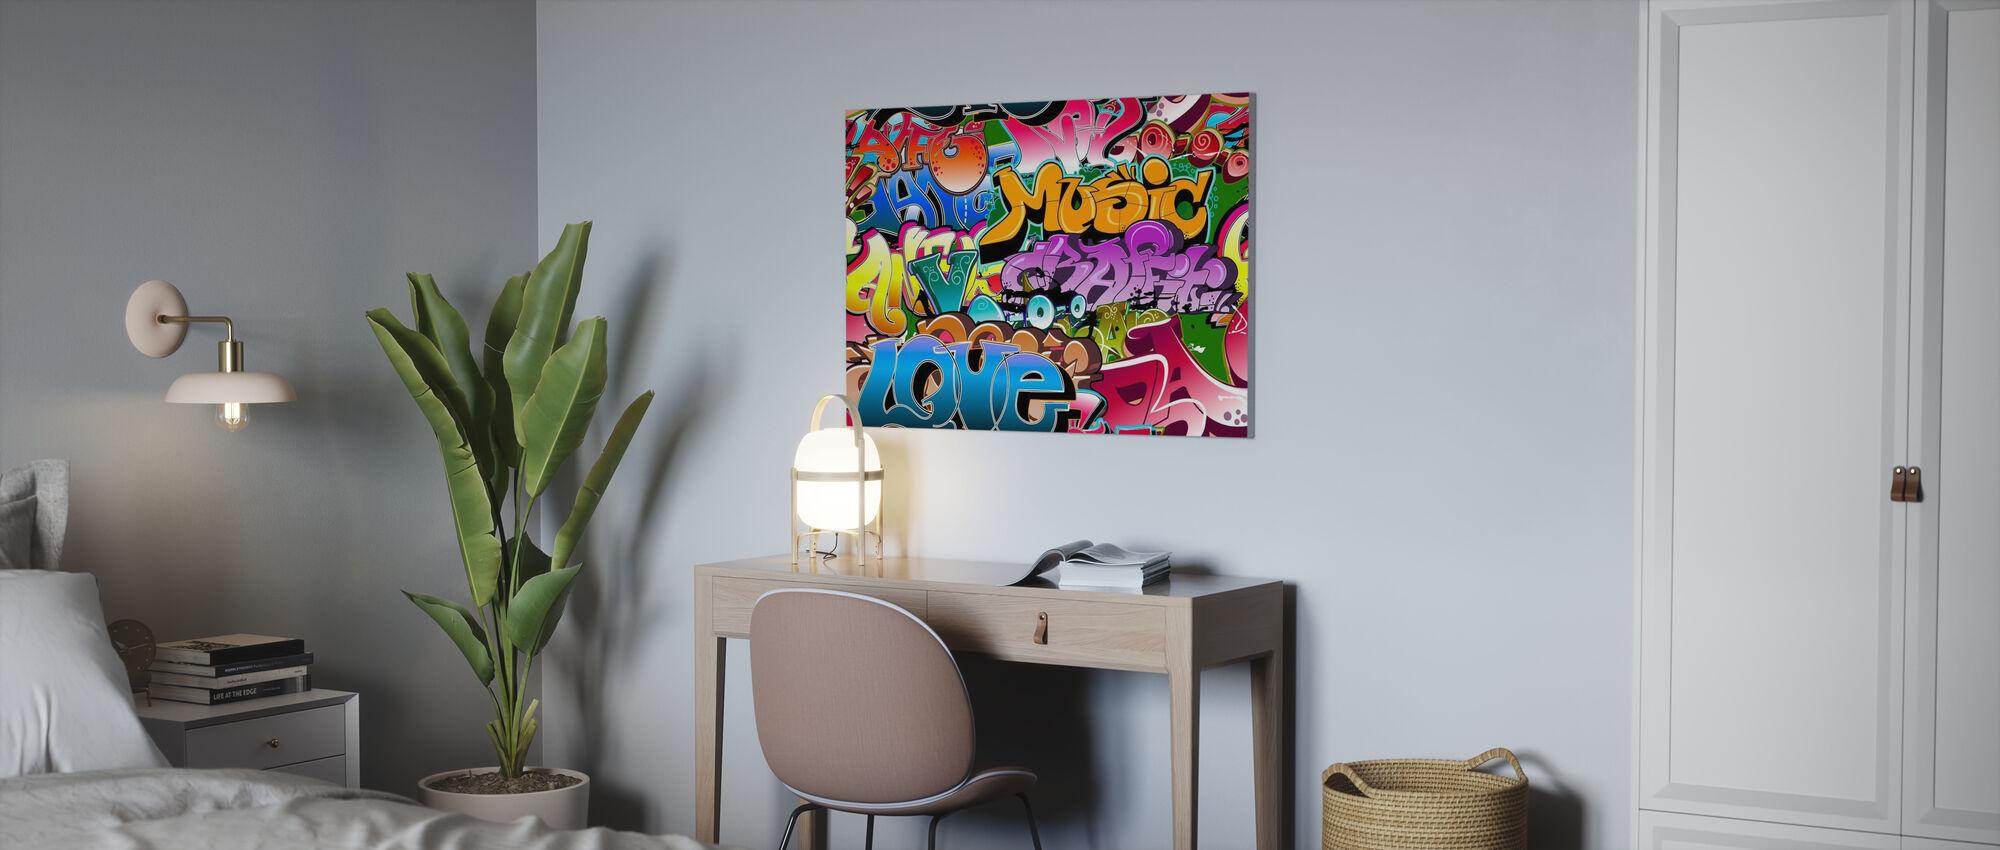 Muziek Liefde Graffiti - Canvas print - Kantoor